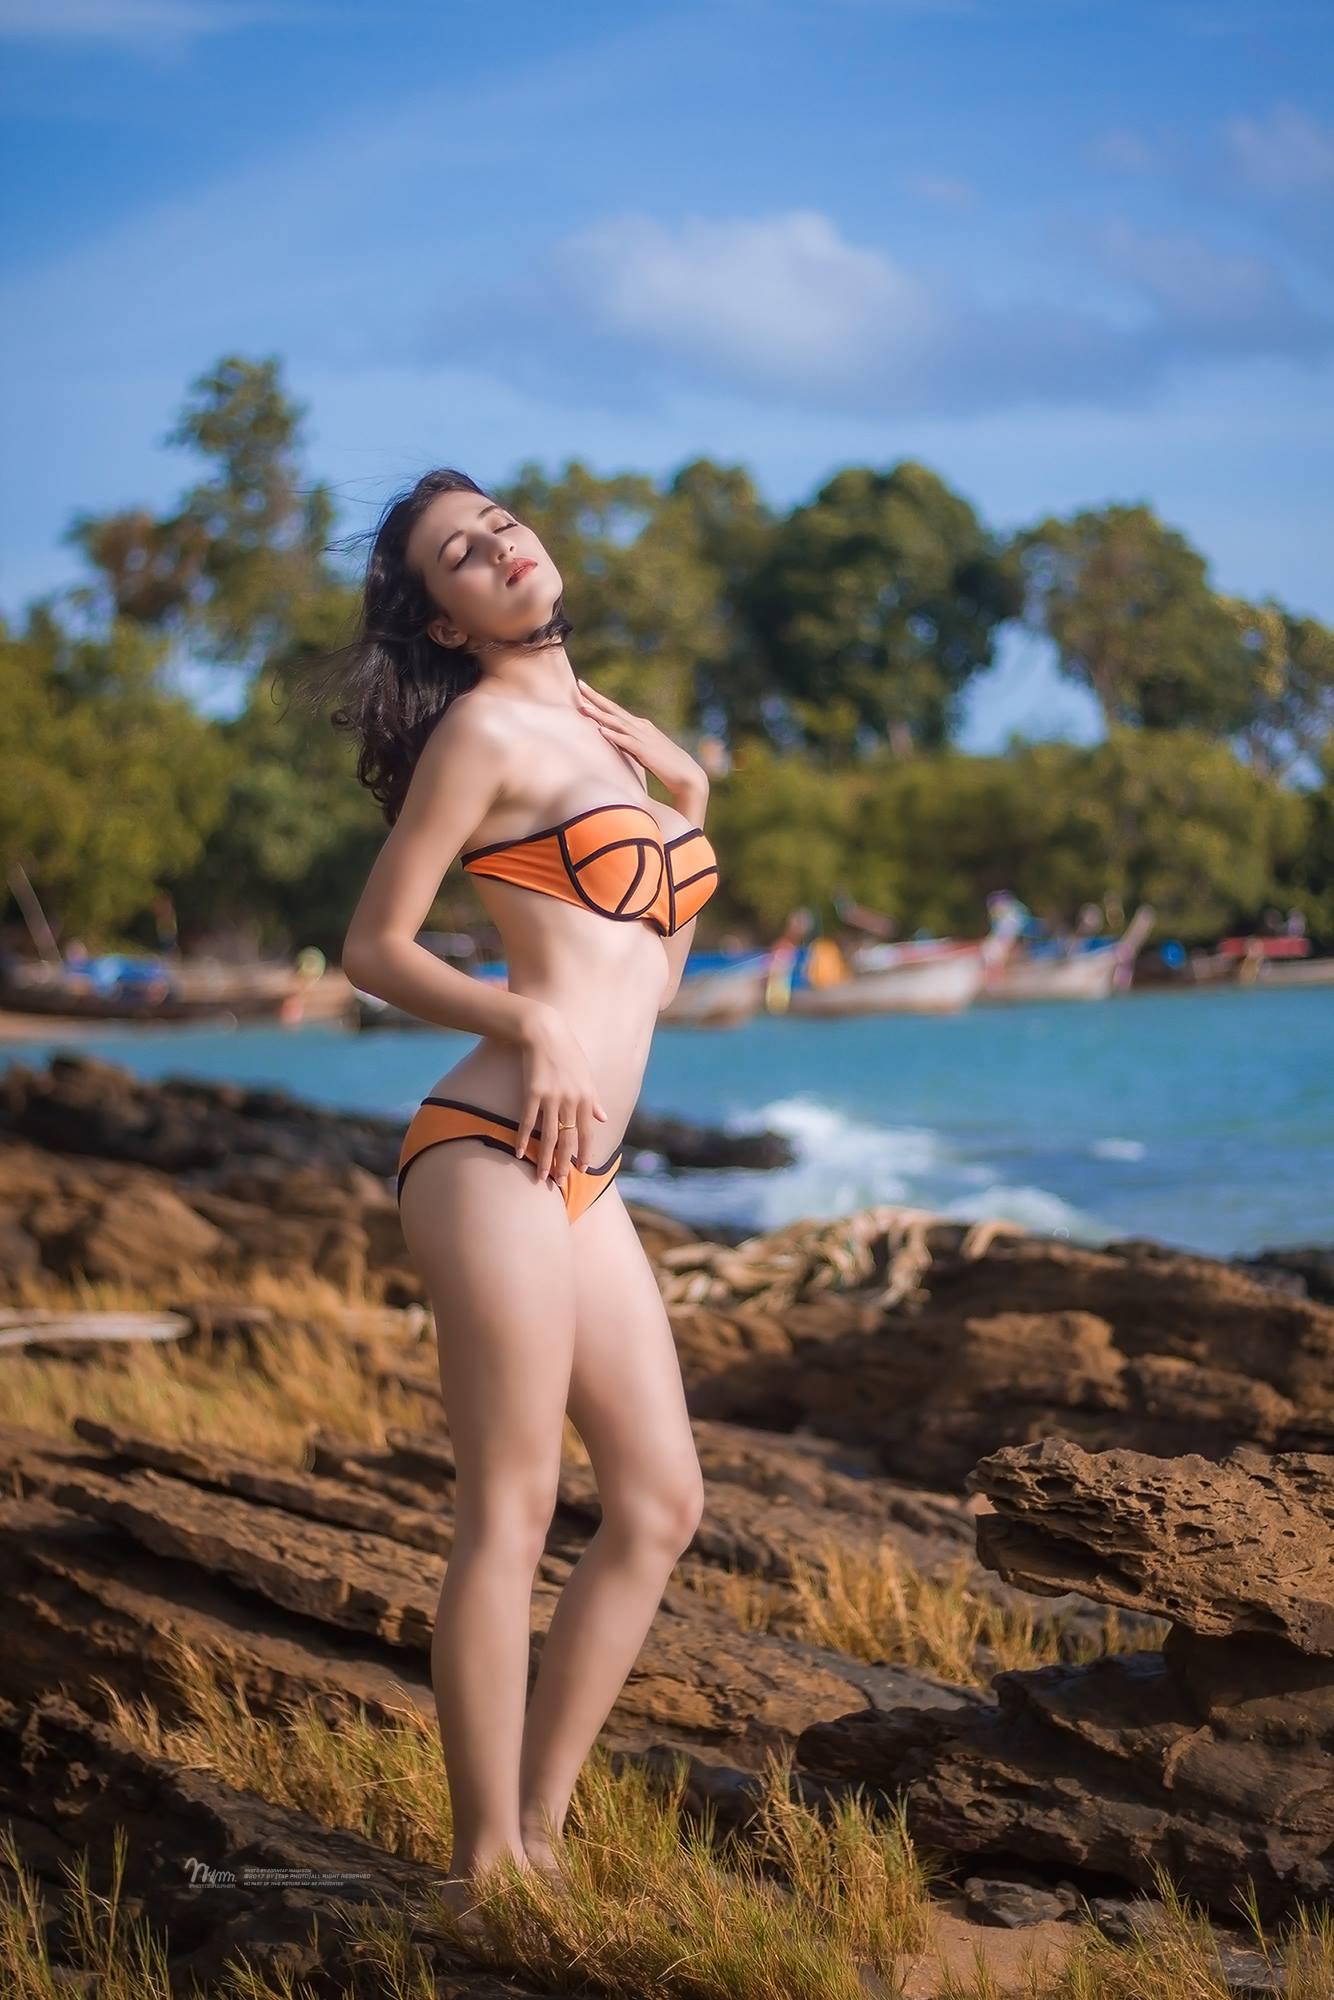 nong-bong-mat-voi-bo-anh-bikini-cua-Francesca-Russo (7)